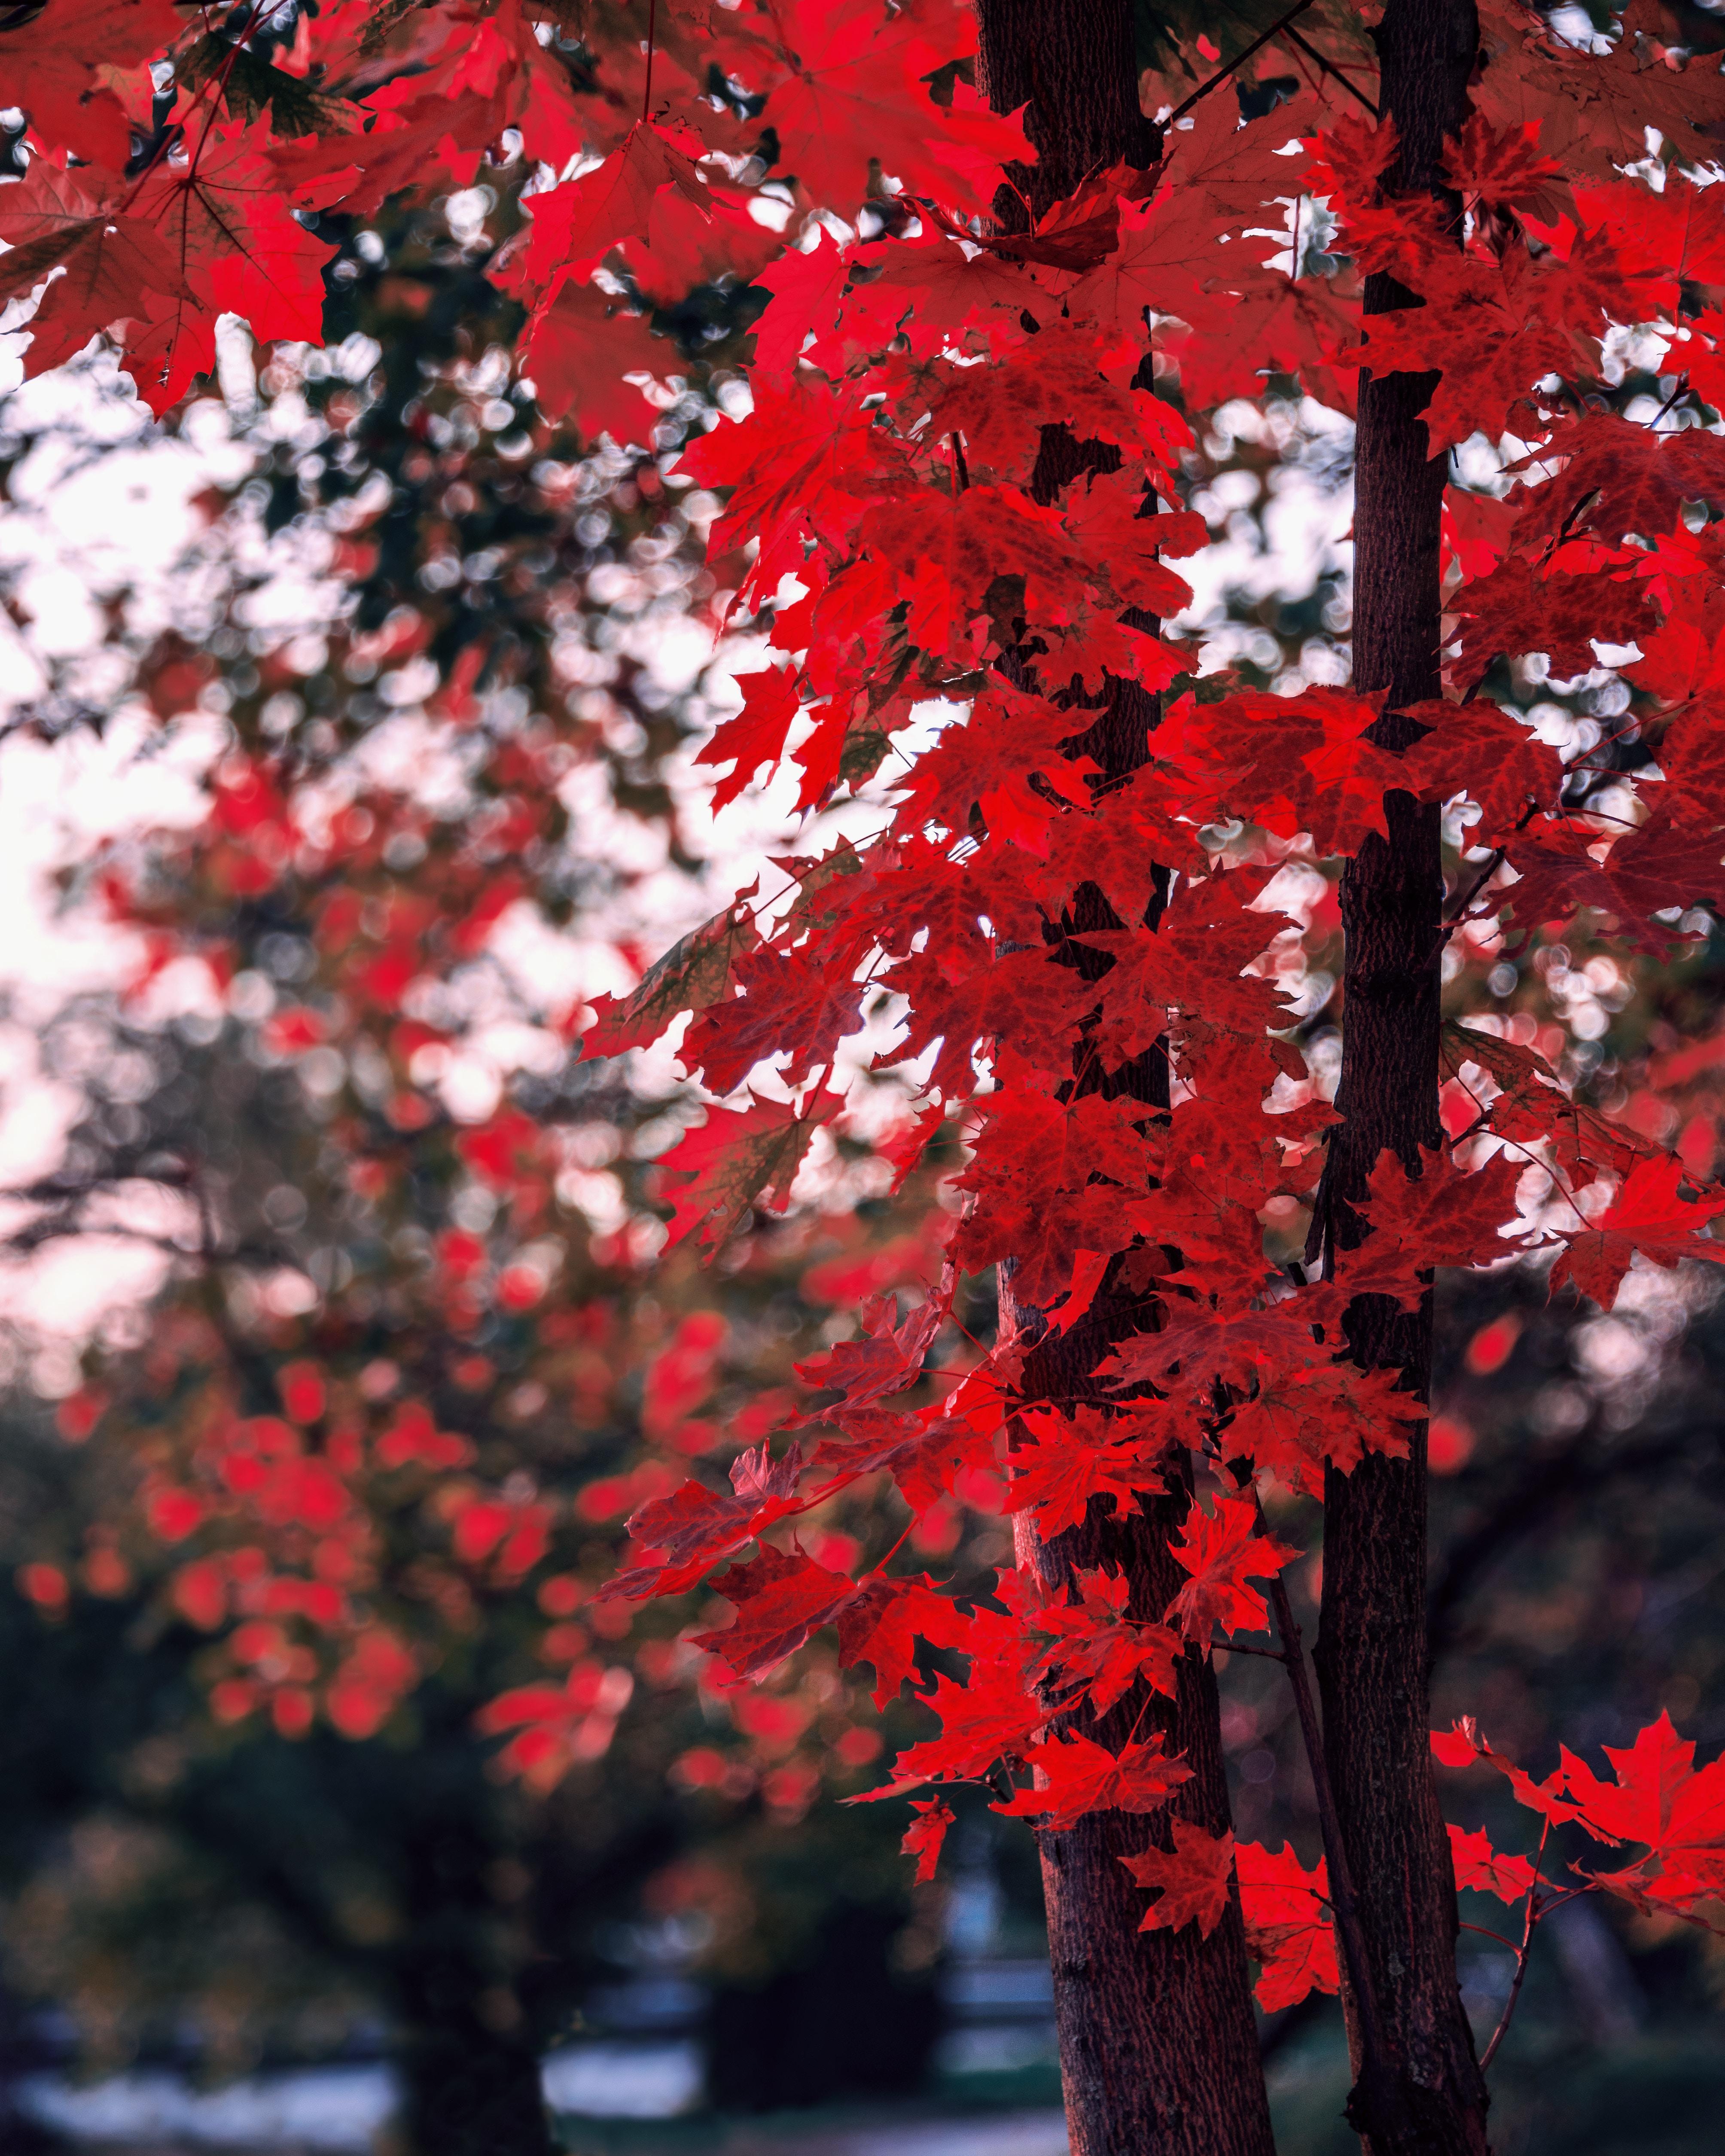 155069 скачать обои Природа, Клен, Листья, Осень, Дерево, Ветки, Размытость - заставки и картинки бесплатно